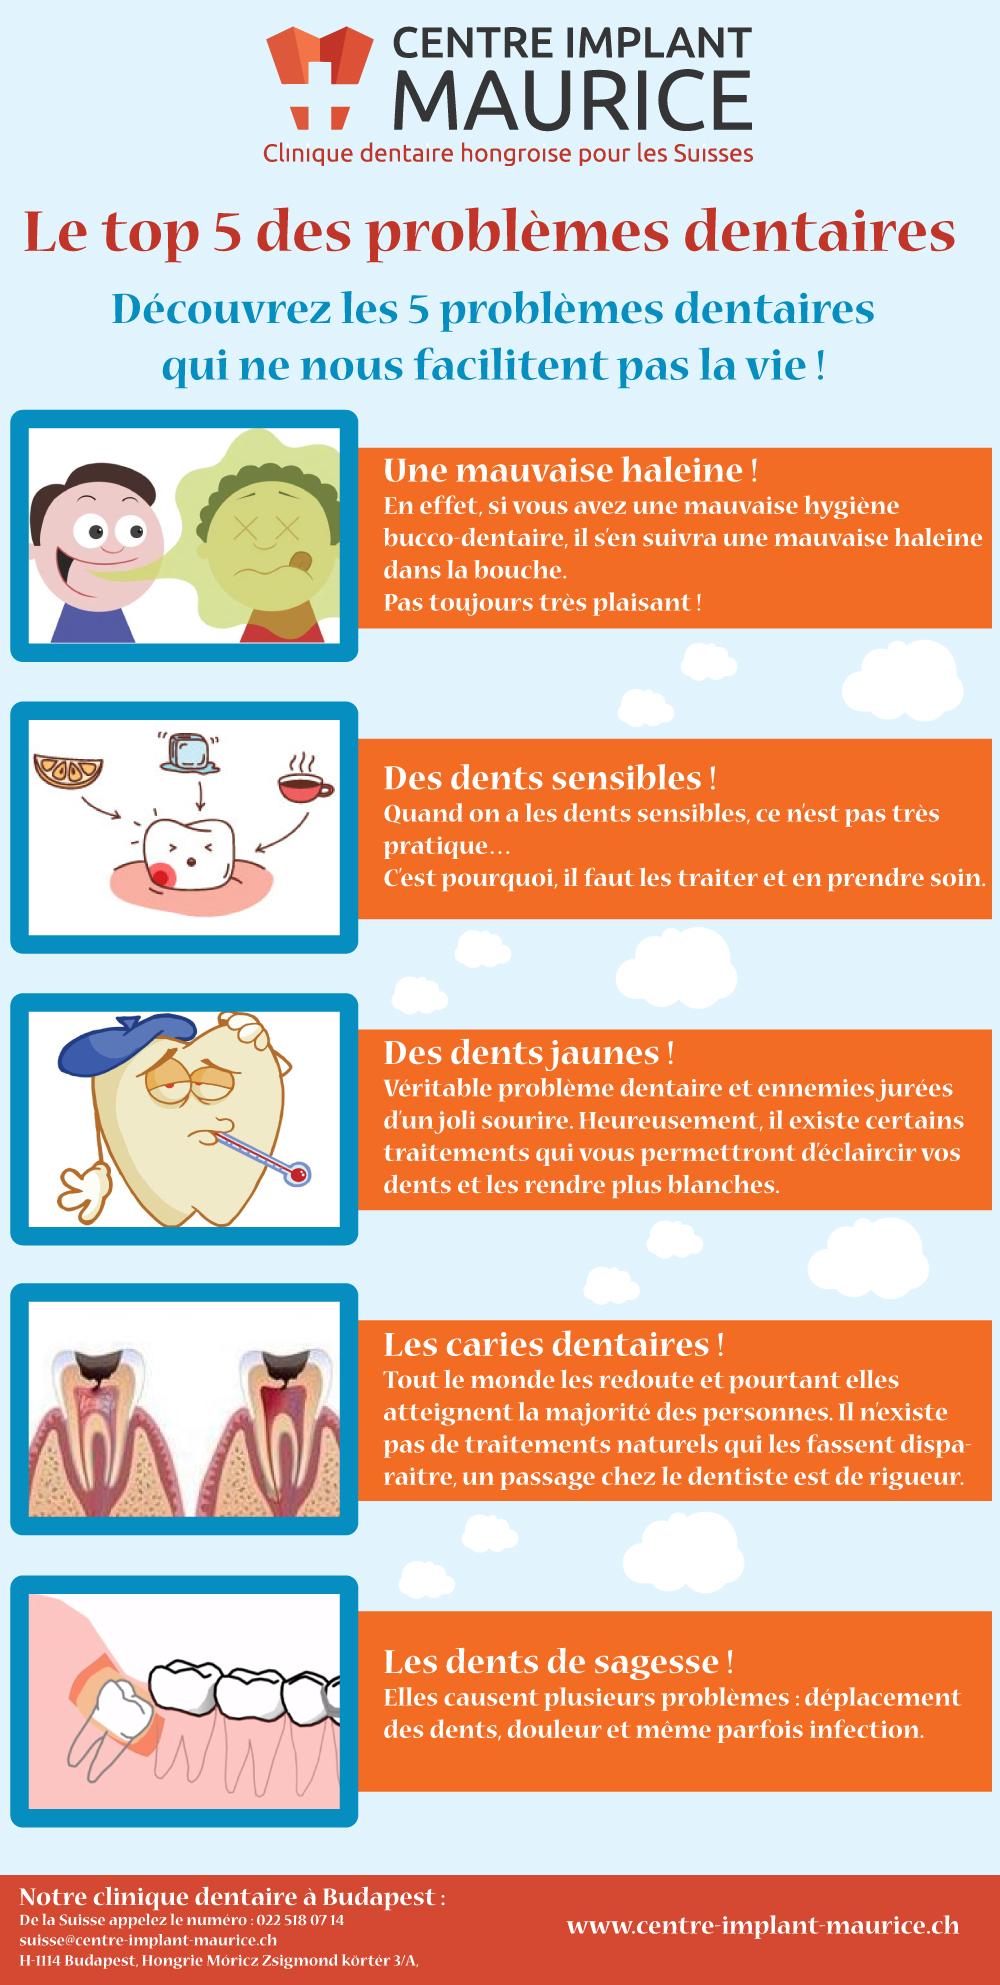 Le top 5 des problèmes dentaires